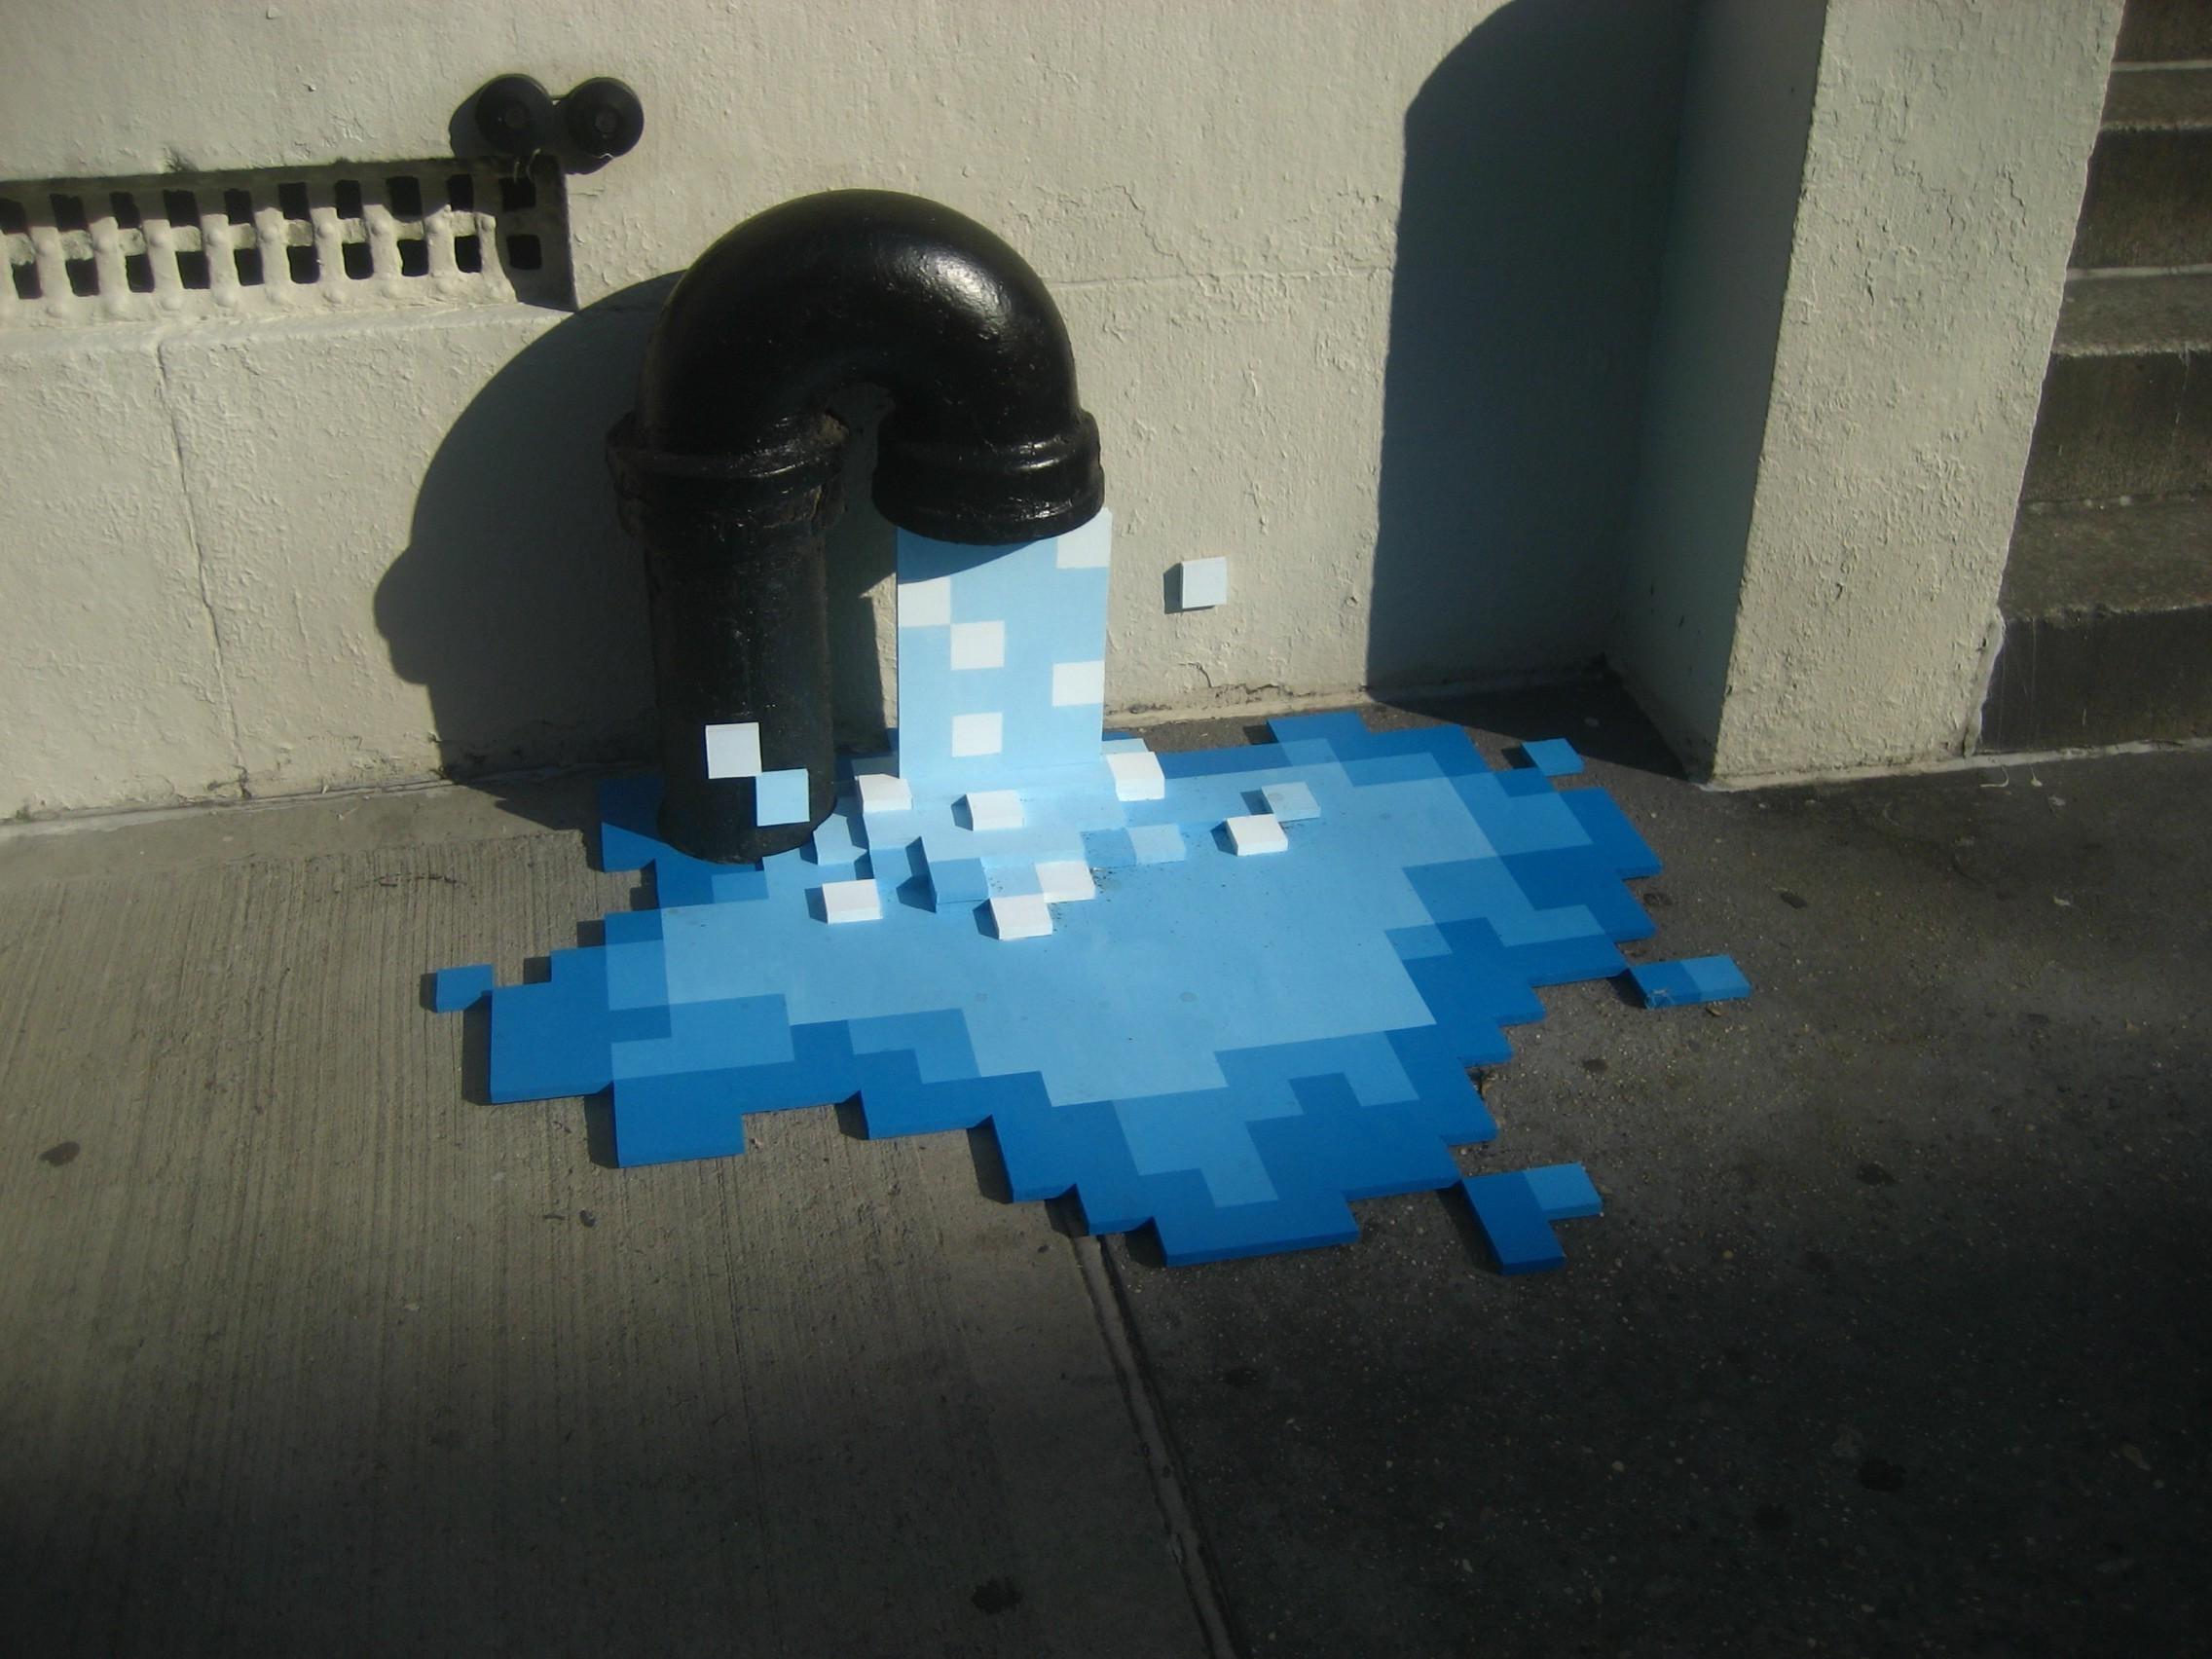 Wallpaper : pixel art, water, building, shadow, artwork